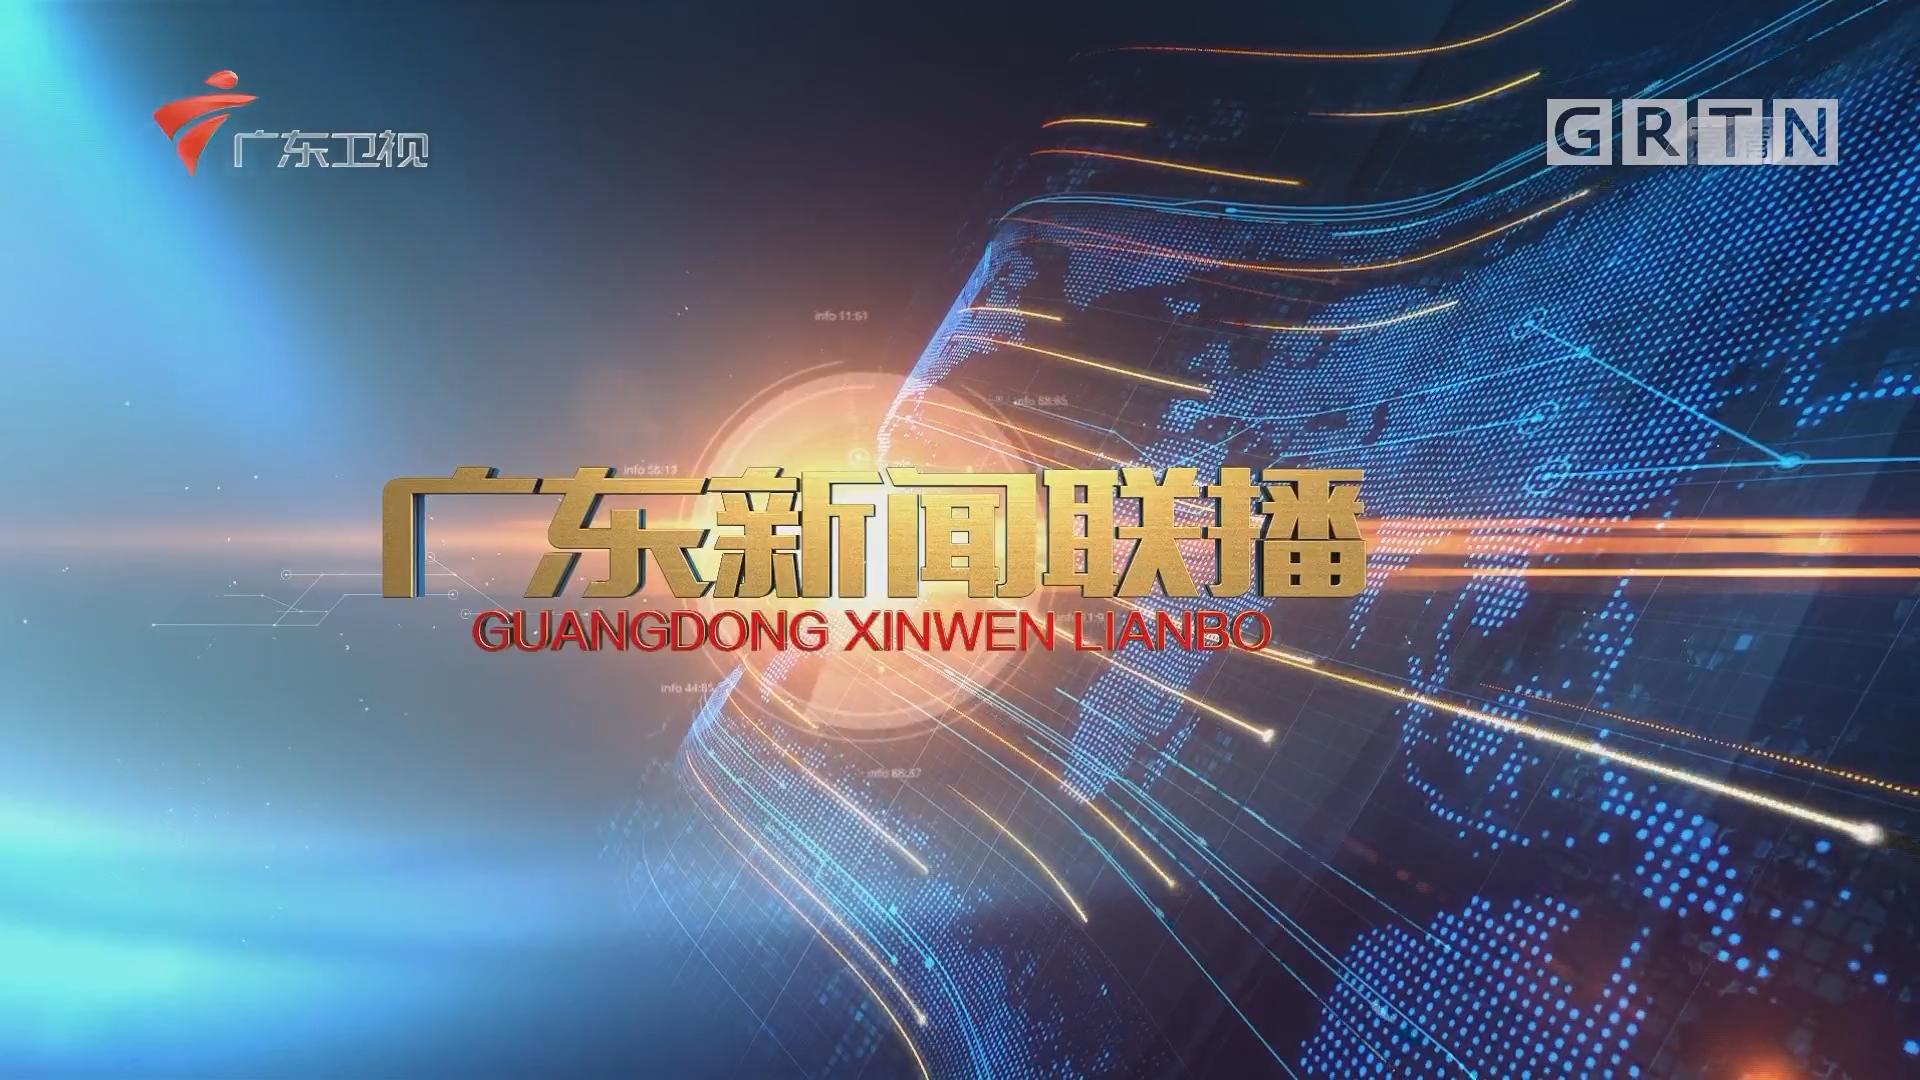 [HD][2019-03-27]广东新闻联播:全省科技创新大会在广州召开 李希马兴瑞王伟中等出席